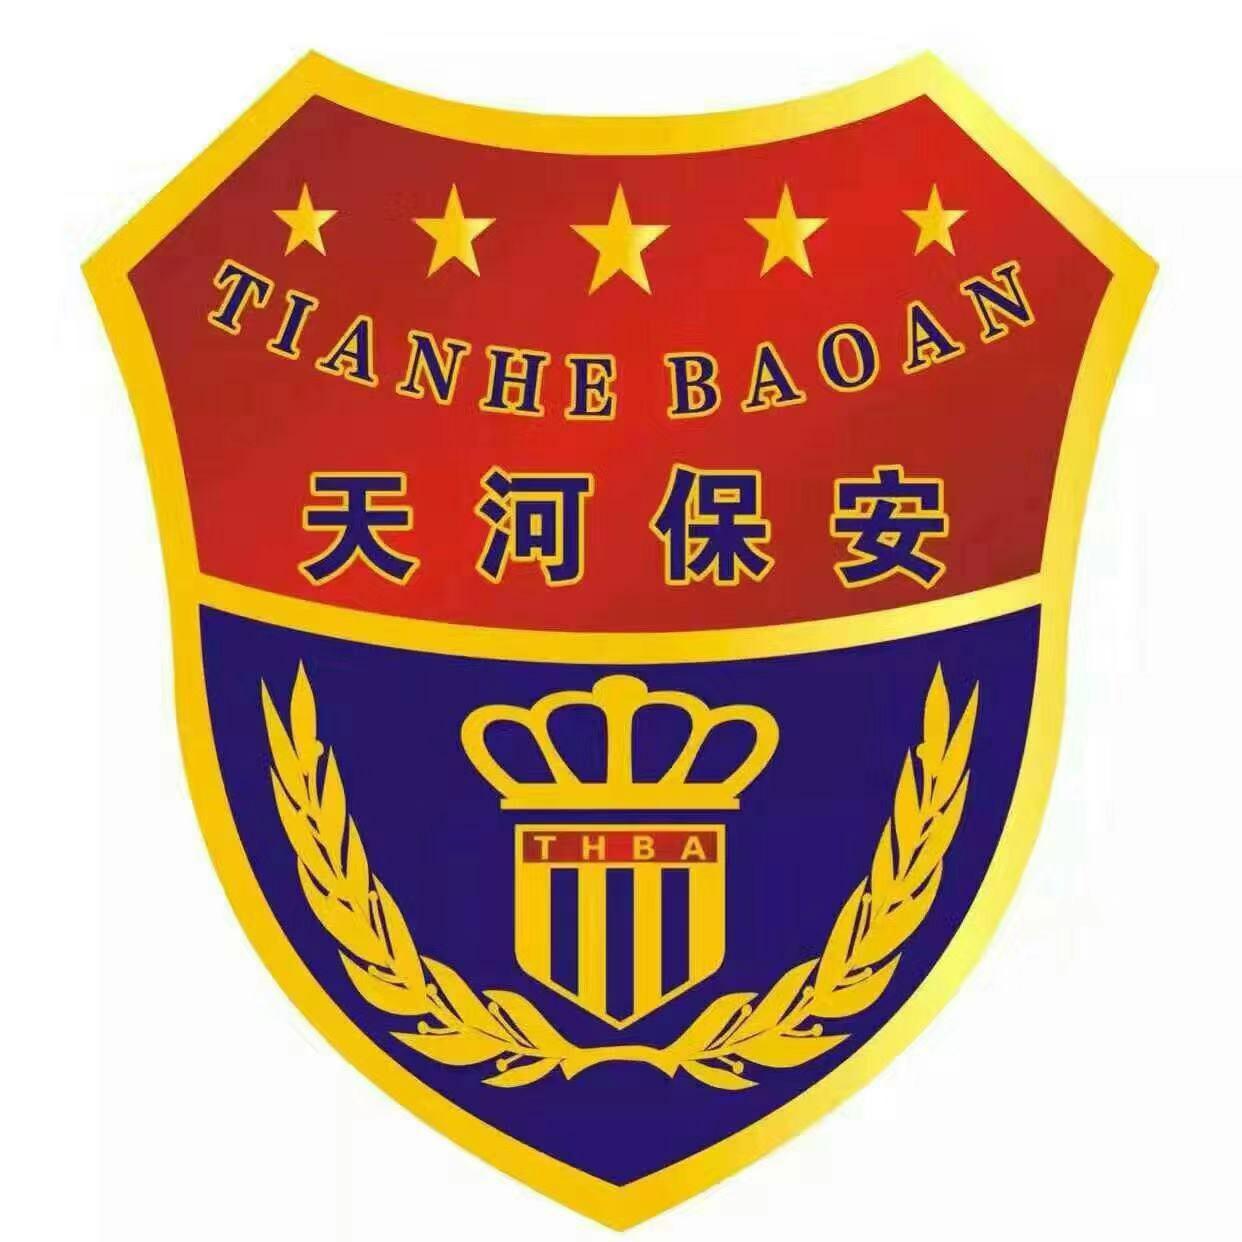 河南天河保安服务有限公司